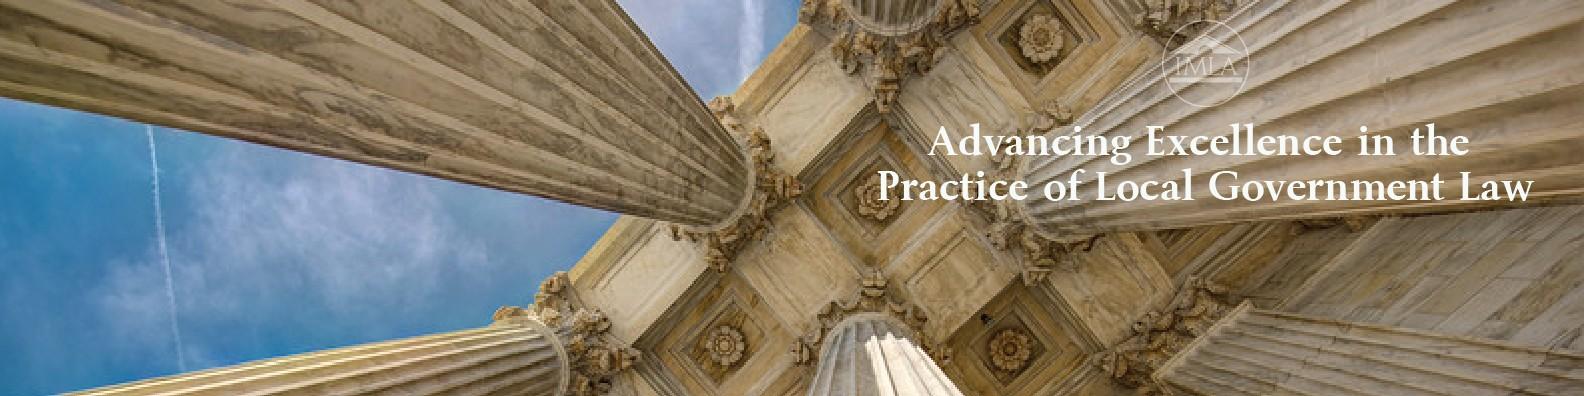 IMLA - International Municipal Lawyers Association   LinkedIn